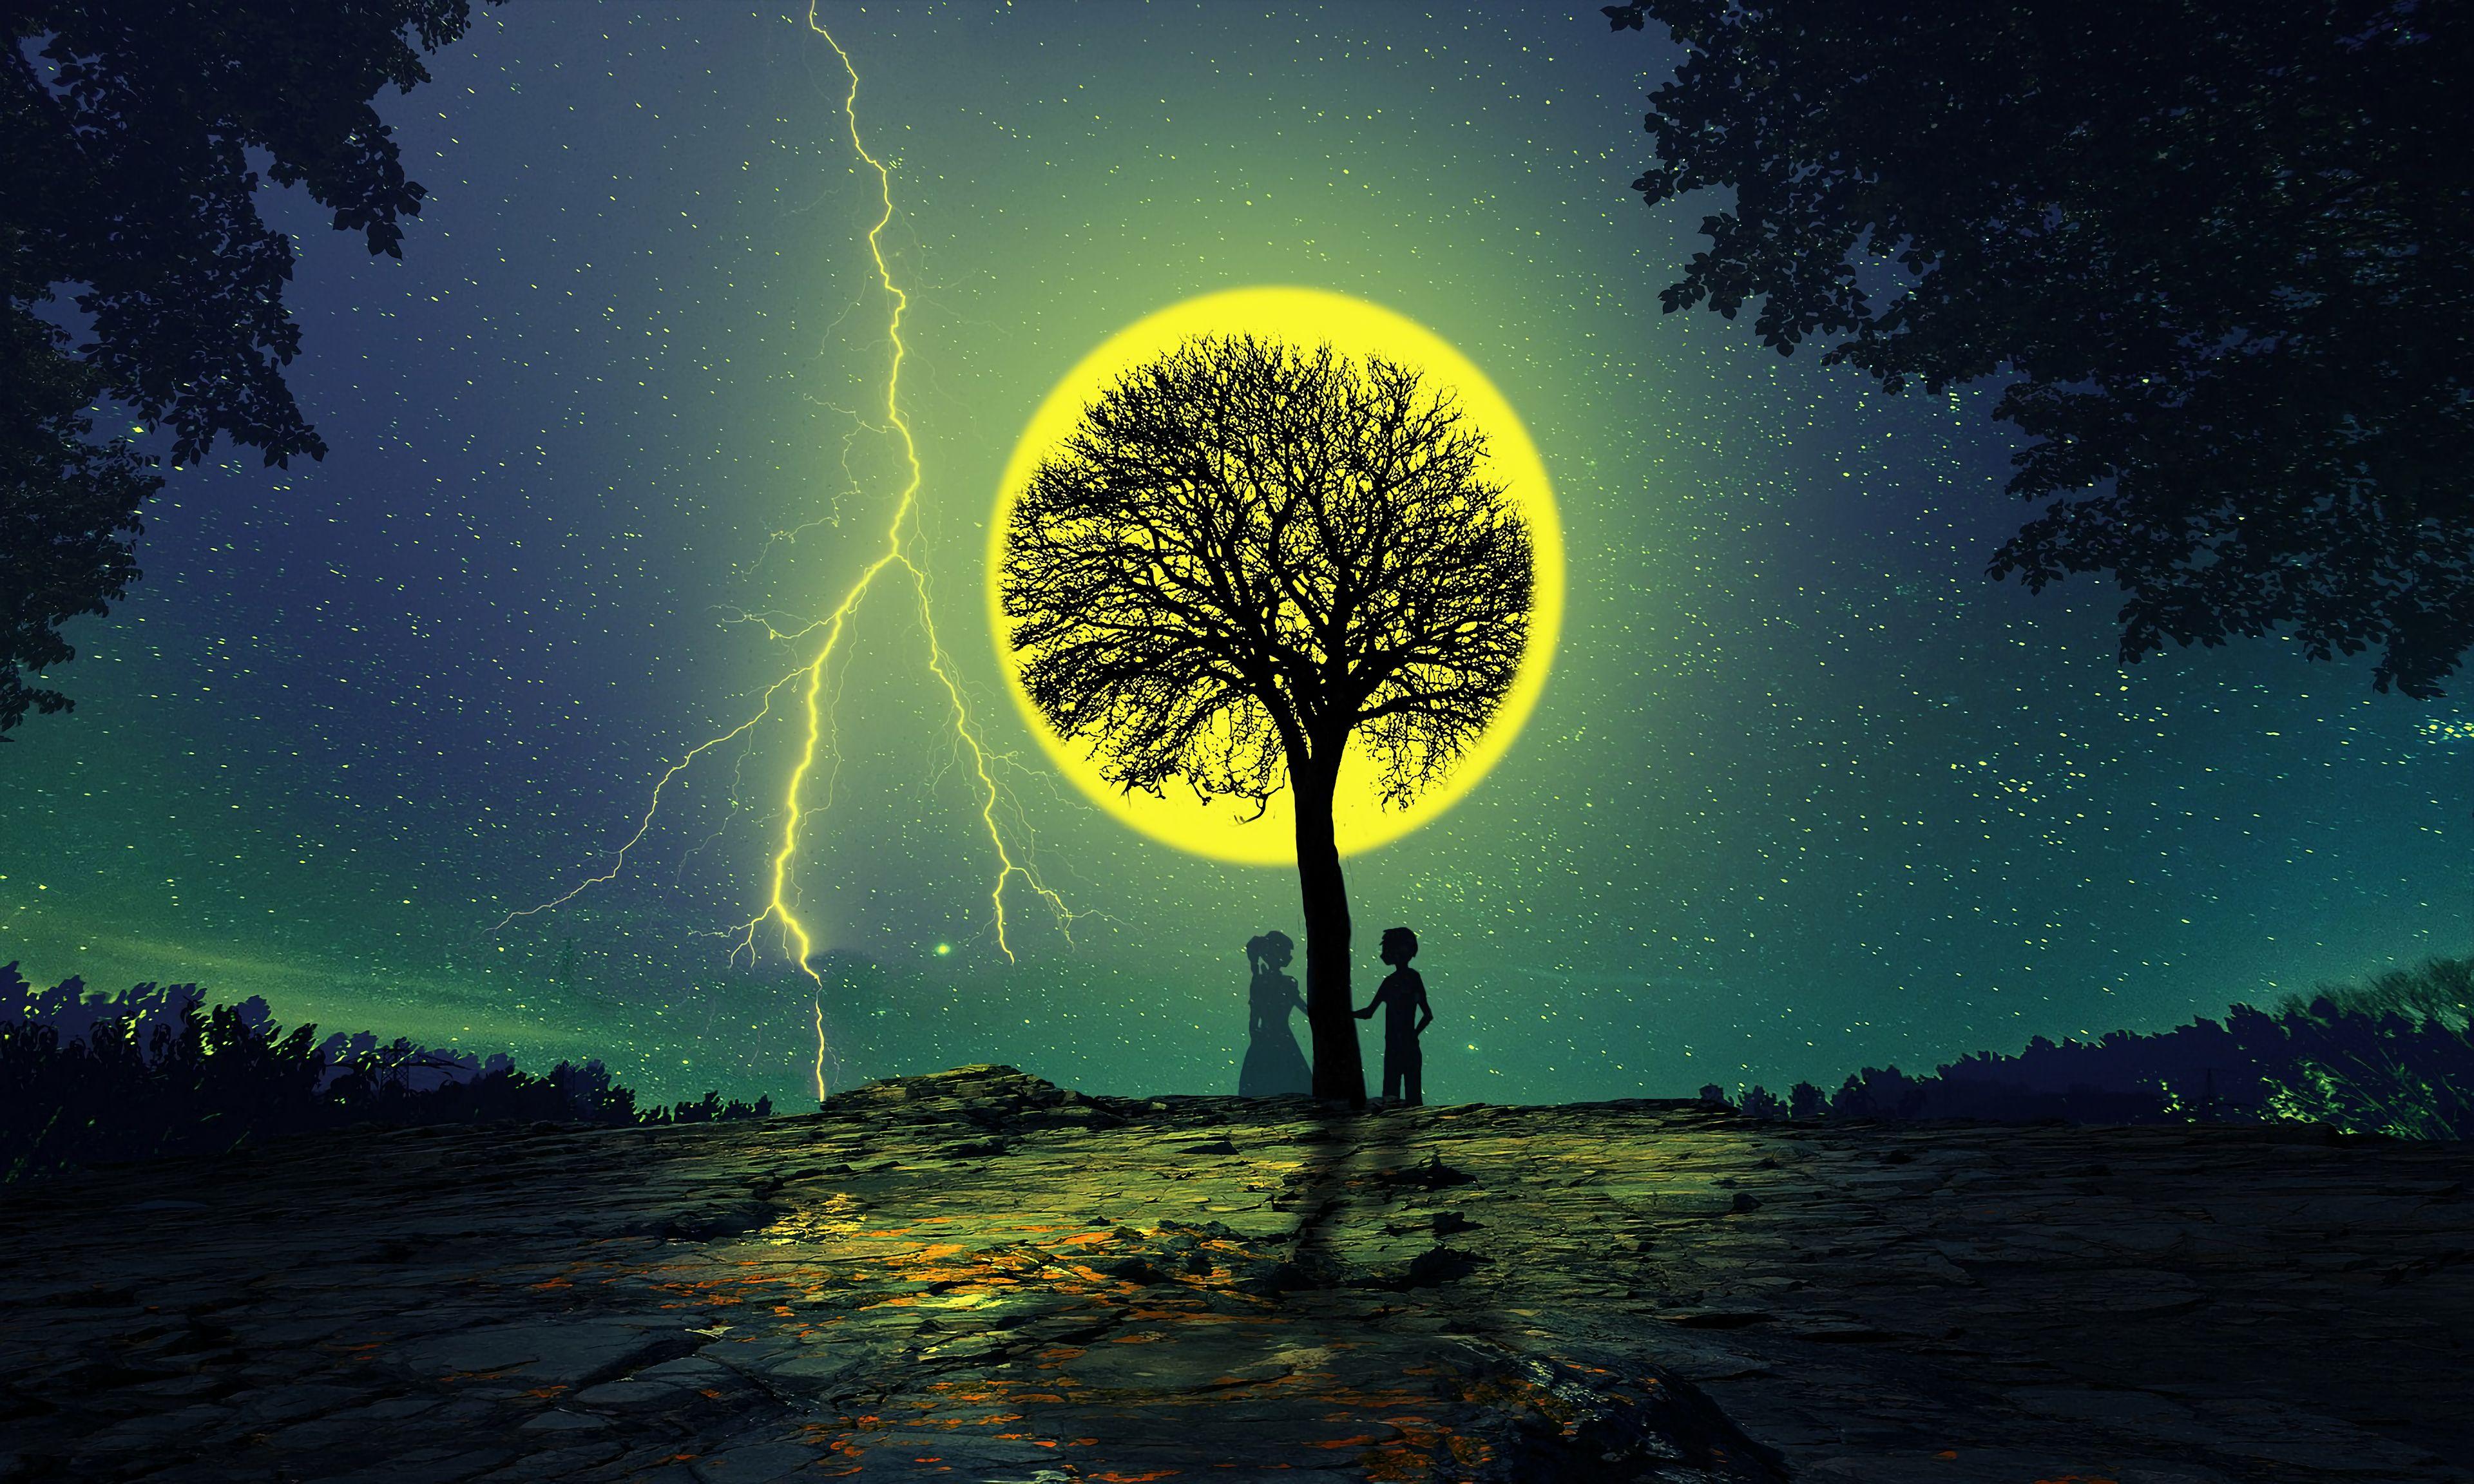 113720 Заставки и Обои Молния на телефон. Скачать Молния, Звезды, Ночь, Любовь, Пара, Дерево, Силуэты картинки бесплатно